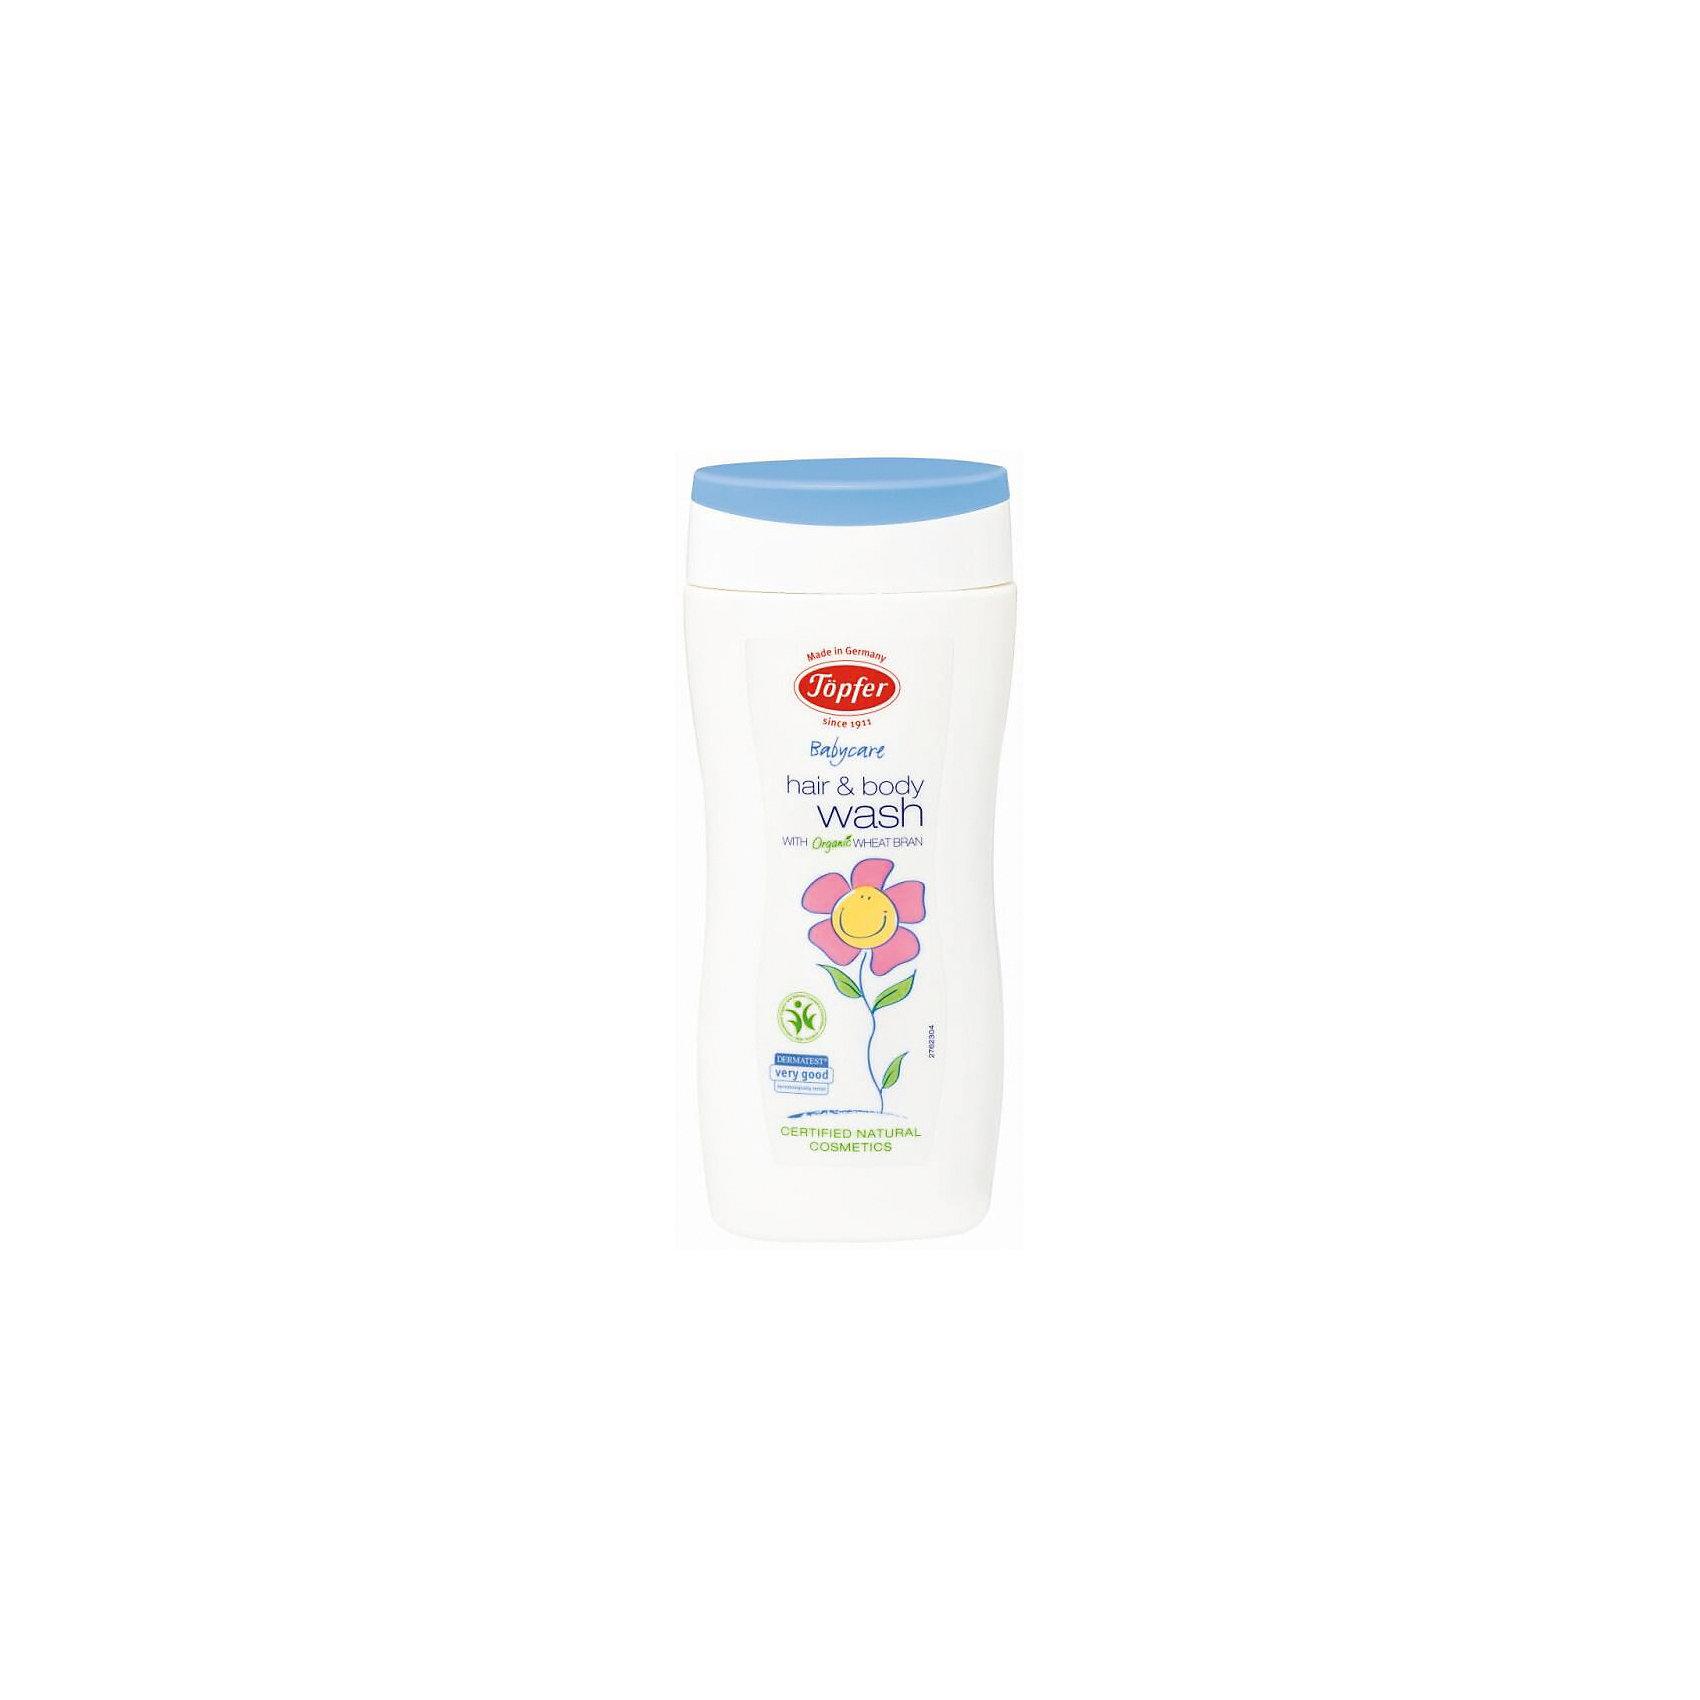 Шампунь-гель для мытья волос и тела детский 200мл, TopferКупание малыша<br>Идеальное сочетание шампуня и геля 2 в 1.<br>• Мягко очищает волосы и кожу головы, ухаживает за кожей<br>тела.<br>• Содержит экстракт органических пшеничных отрубей,<br>календулу и оливковое масло.<br>• Рекомендуется для интимной гигиены при смене<br>подгузников.<br>• Не содержит мыла.<br>Состав: Вода, коко-гликозид, каприлил, каприл<br>гликозид,глицерин, отдушка**, ксантановая смола, бетаин,<br>экстракт цветов календулы лекарственной, экстракт<br>пшеничных отрубей*, содиум коко-гликозид, тартрат,<br>глицерил олеат, гидролизованный пшеничный протеин,<br>масло семян пенника лугового, ксилитилгликозид,<br>ангидроксилитол, экстракт листьев розмарина<br>лекарственного*, ксилитол, содиум фитат, содиум цитрат,<br>содиум гидроксид, лимонная кислота, D-лимонен**<br>Способ применения: Массирующими движениями распределить<br>гель по волосам и телу. Затем смыть водой.<br>• 200 мл<br>• Арт: 60371100<br><br>Ширина мм: 250<br>Глубина мм: 100<br>Высота мм: 250<br>Вес г: 250<br>Возраст от месяцев: 24<br>Возраст до месяцев: 84<br>Пол: Унисекс<br>Возраст: Детский<br>SKU: 5407669